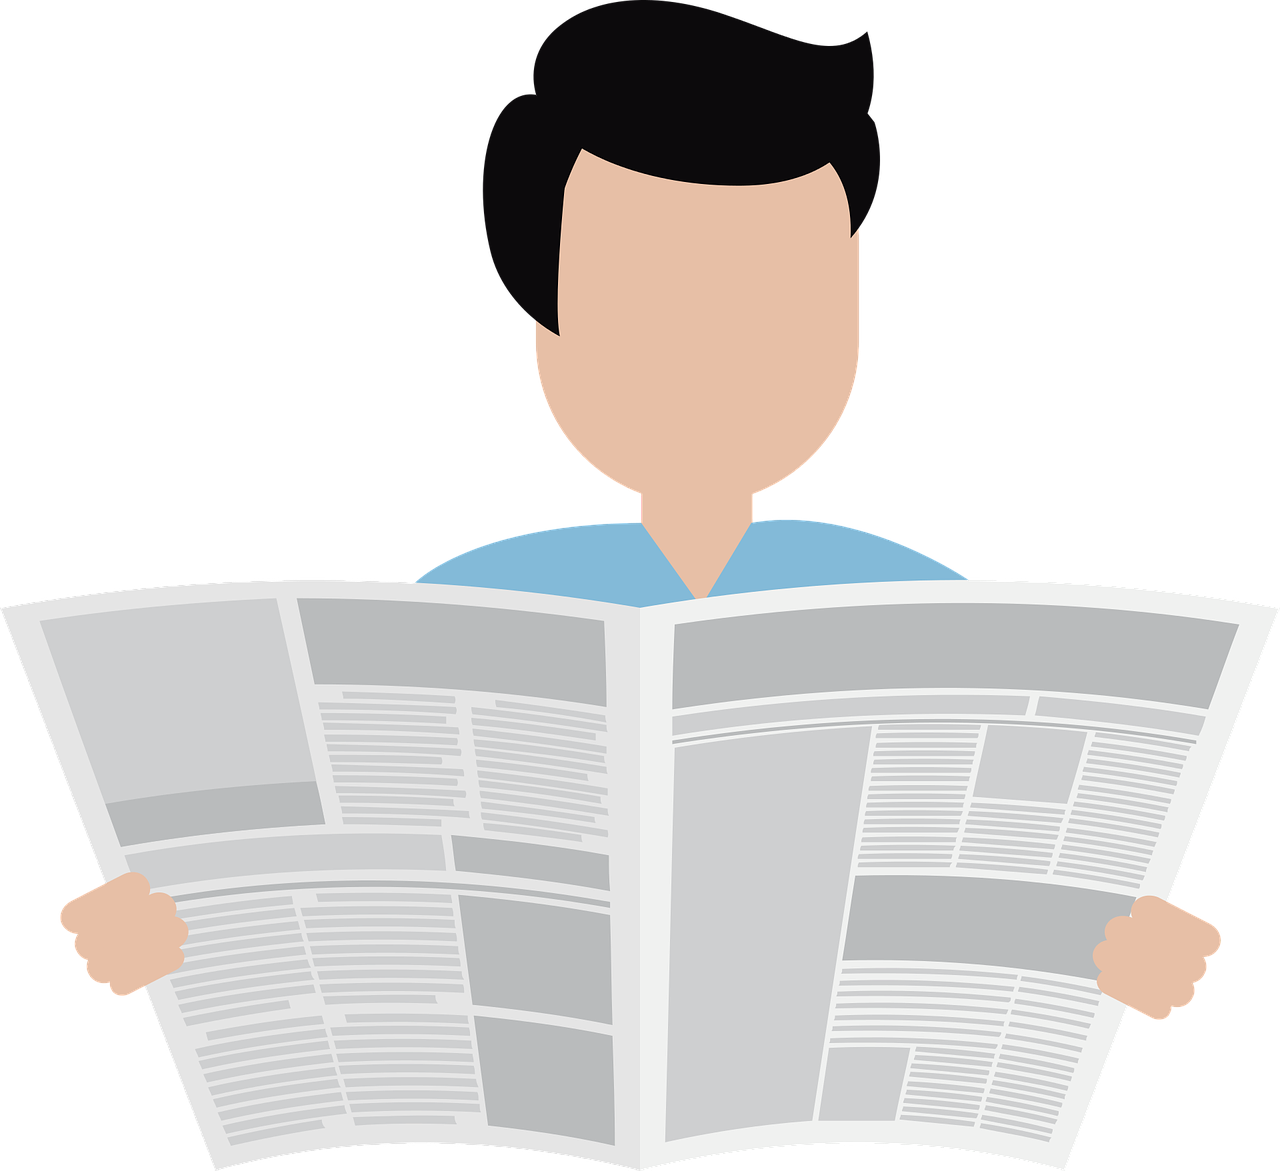 naamsbekendheid vergroten persoon leest krant